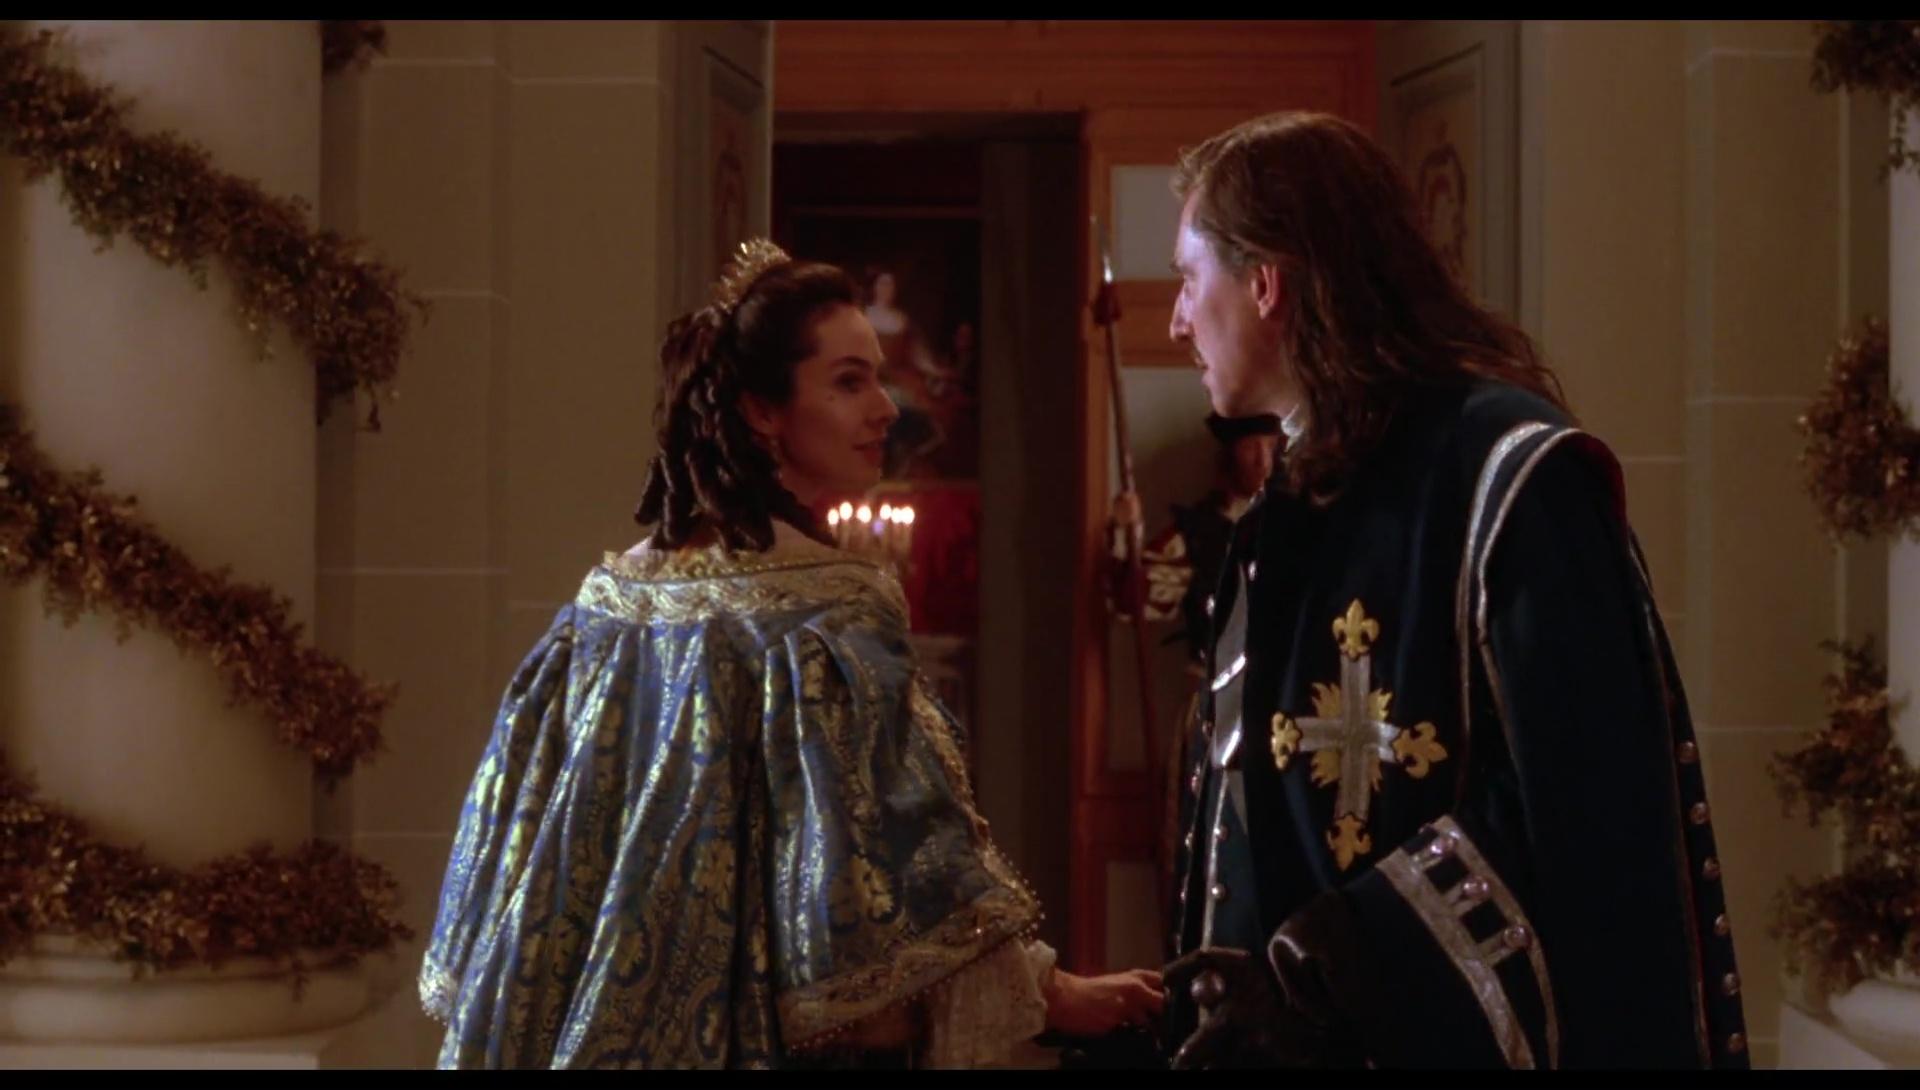 El Hombre De La Mascara De Hierro 1080p Lat-Cast-Ing 5.1 (1998)